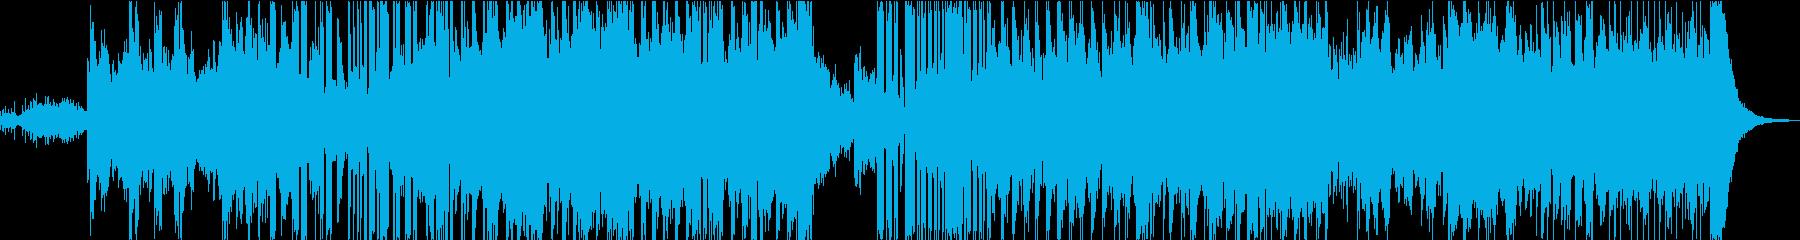 重低音響くかっこいいDubstepの再生済みの波形